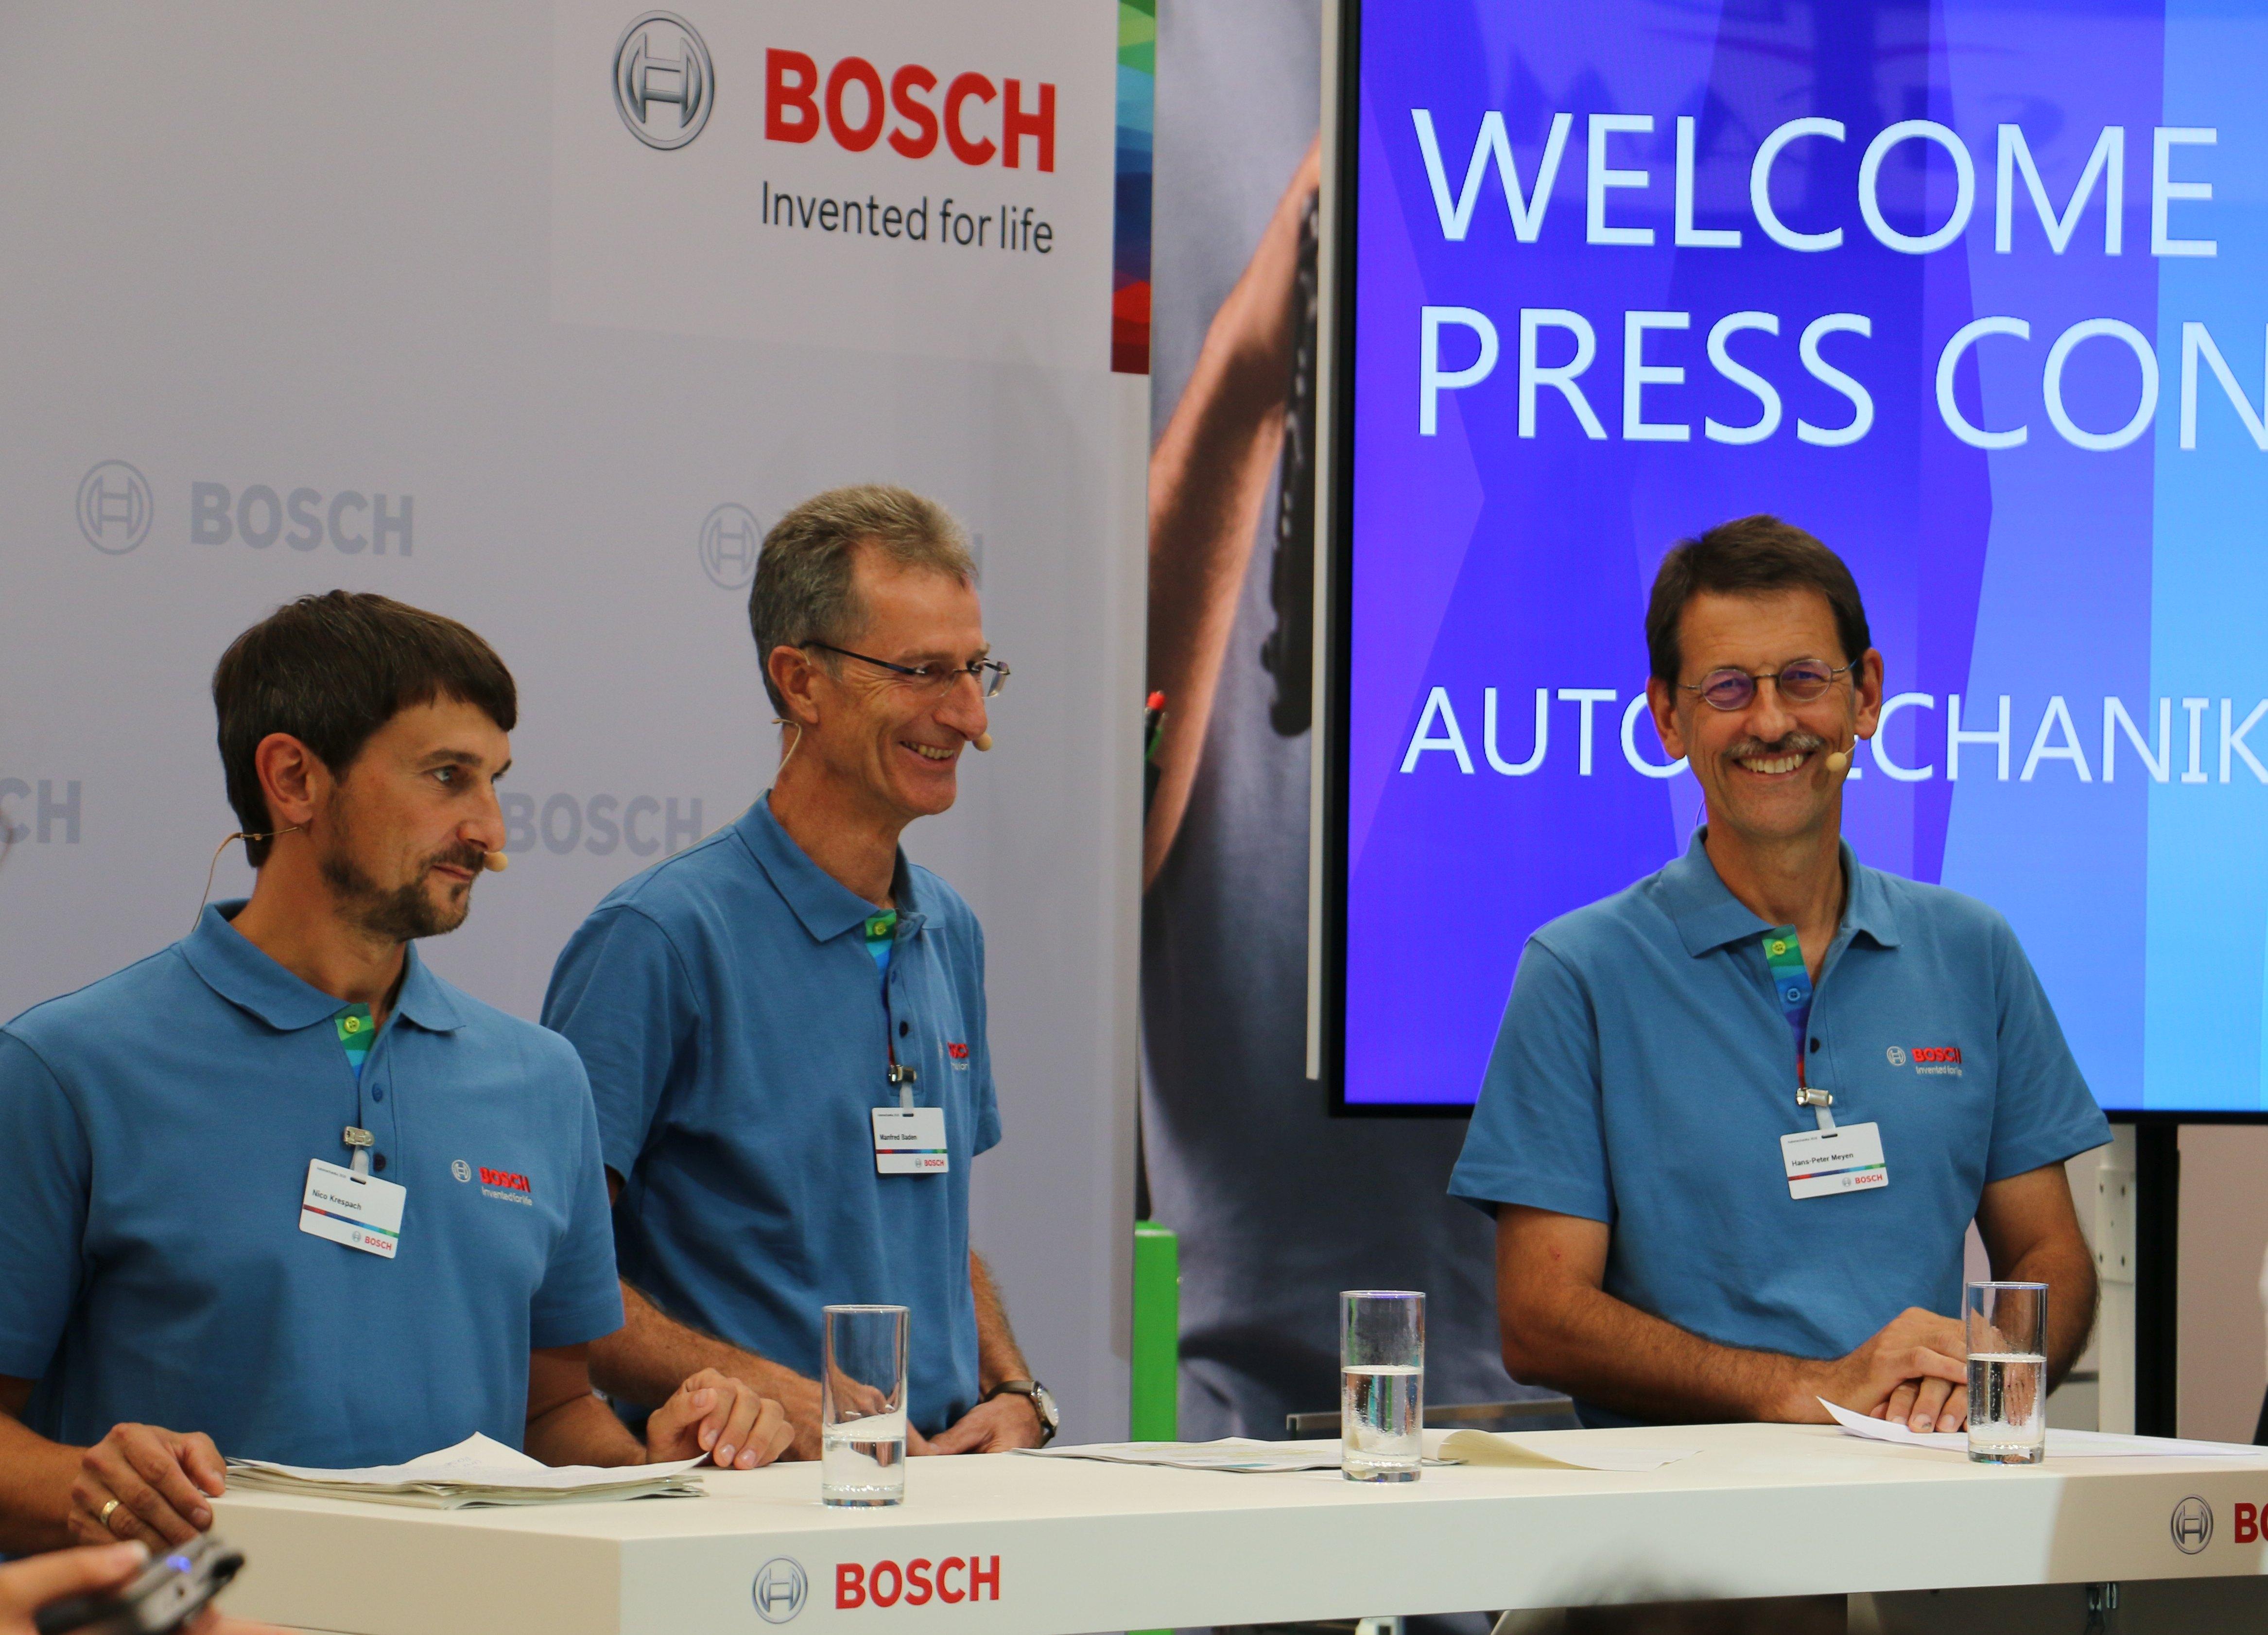 Pressekonferenz von Bosch Automotive Aftermarket auf der Automechanika 2018